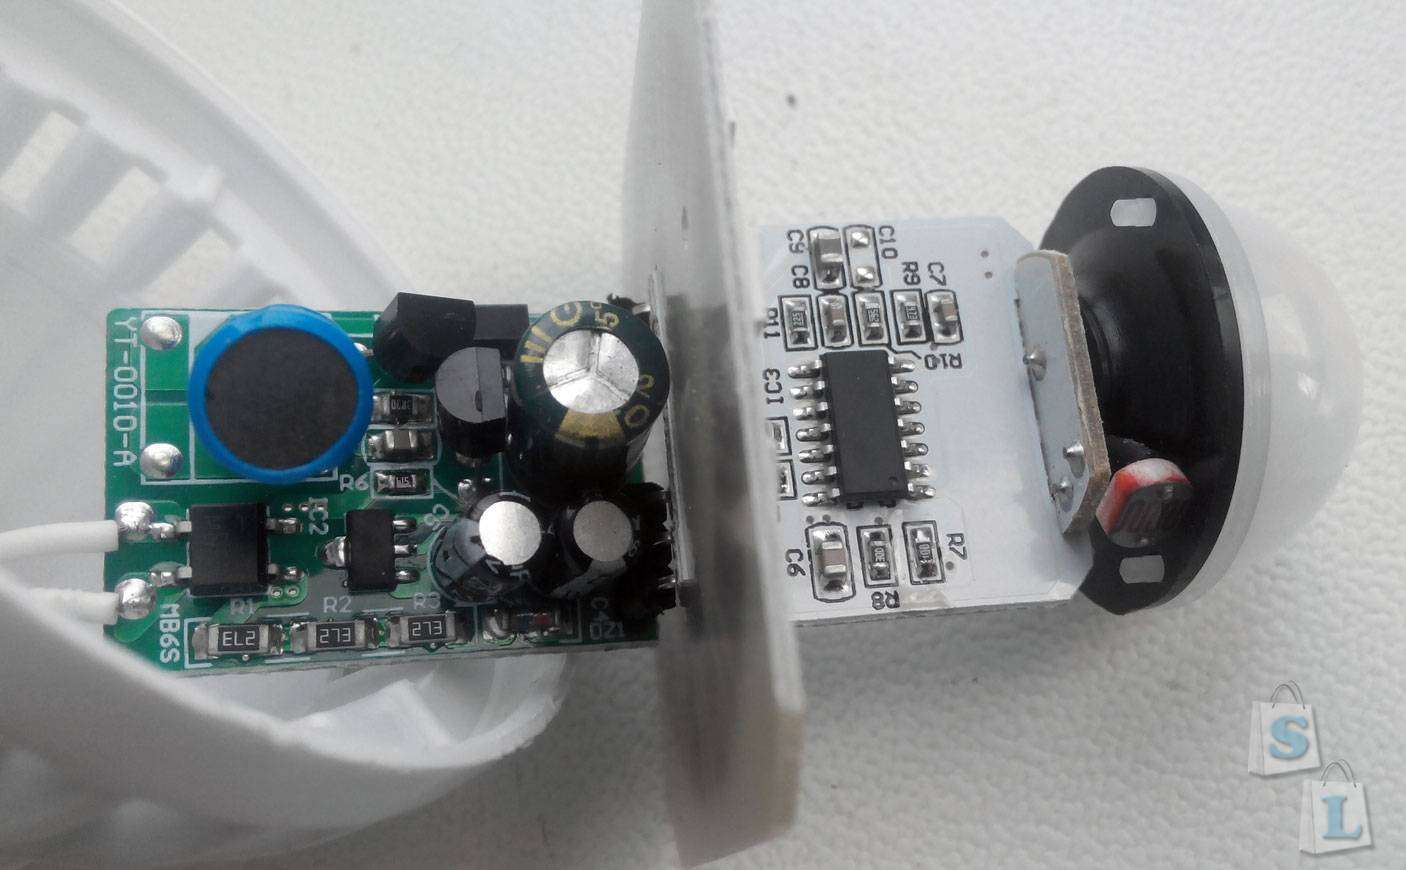 Aliexpress: Очень недорогая, но вполне качественная LED лампа с датчиком движения и освещения (220v e27)